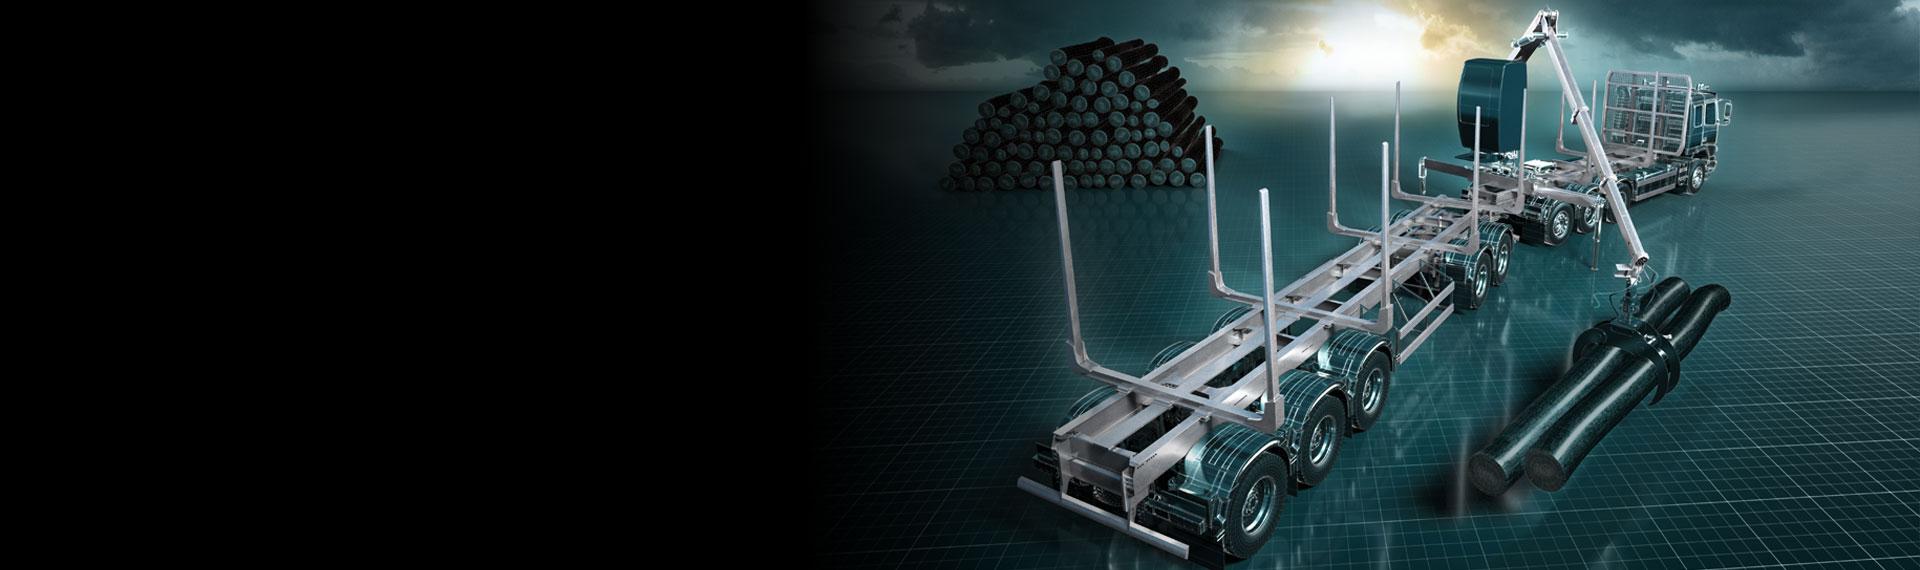 Strenx 900 トップバナー